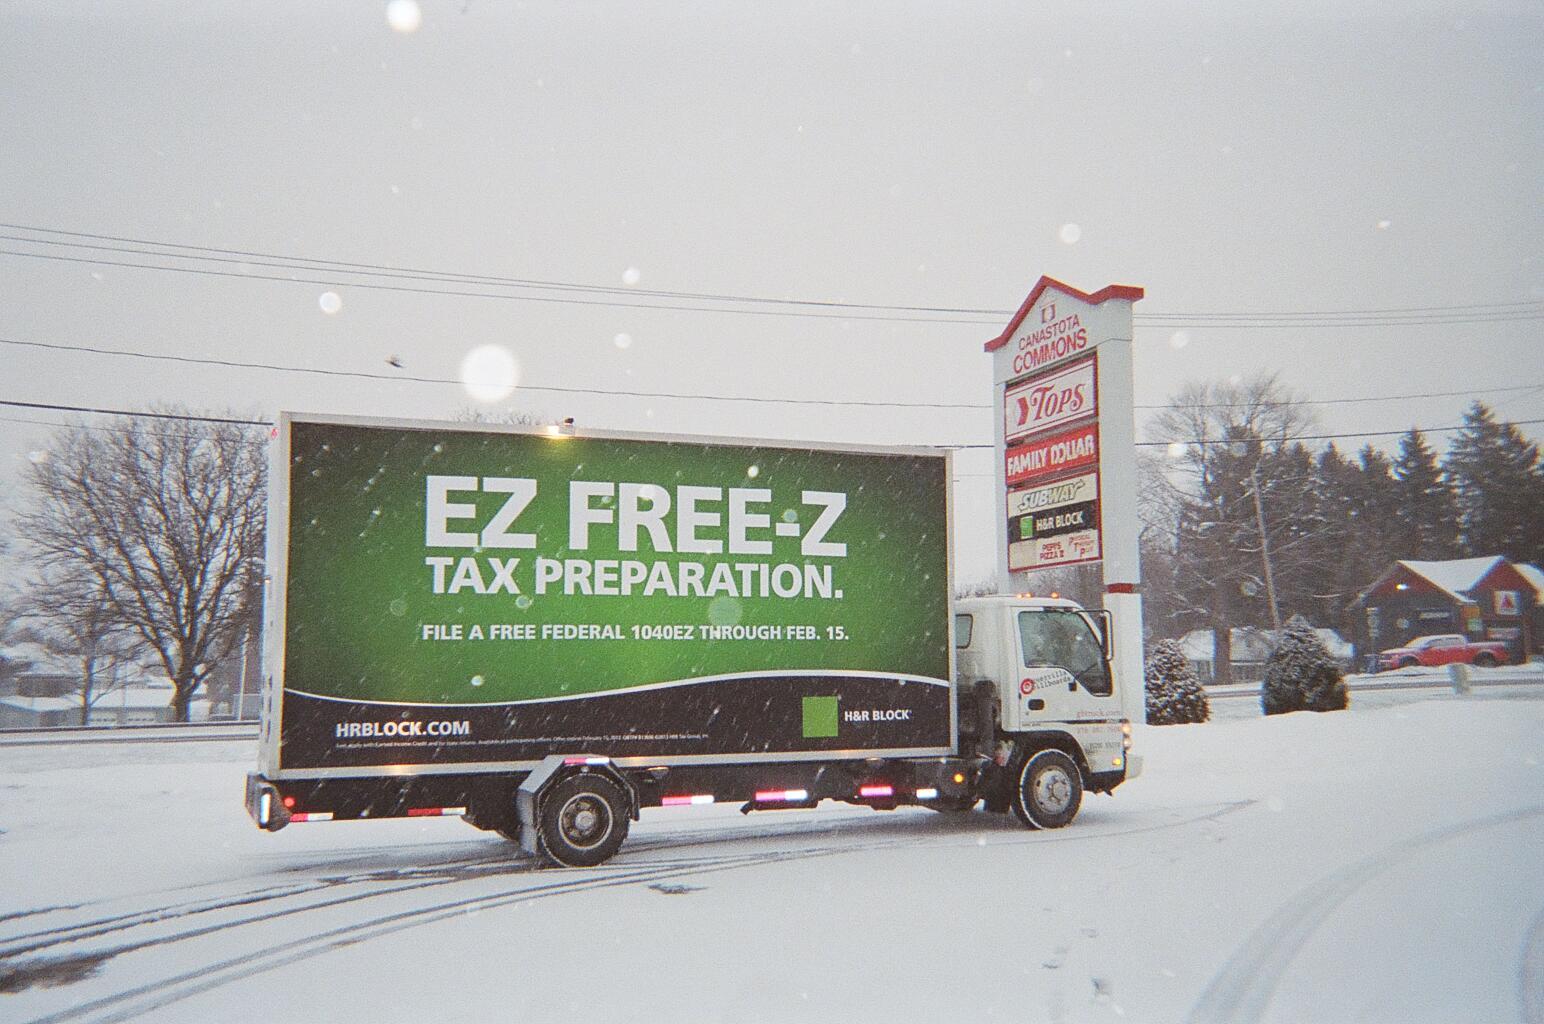 Mobile billboard truck in Canastota, NY